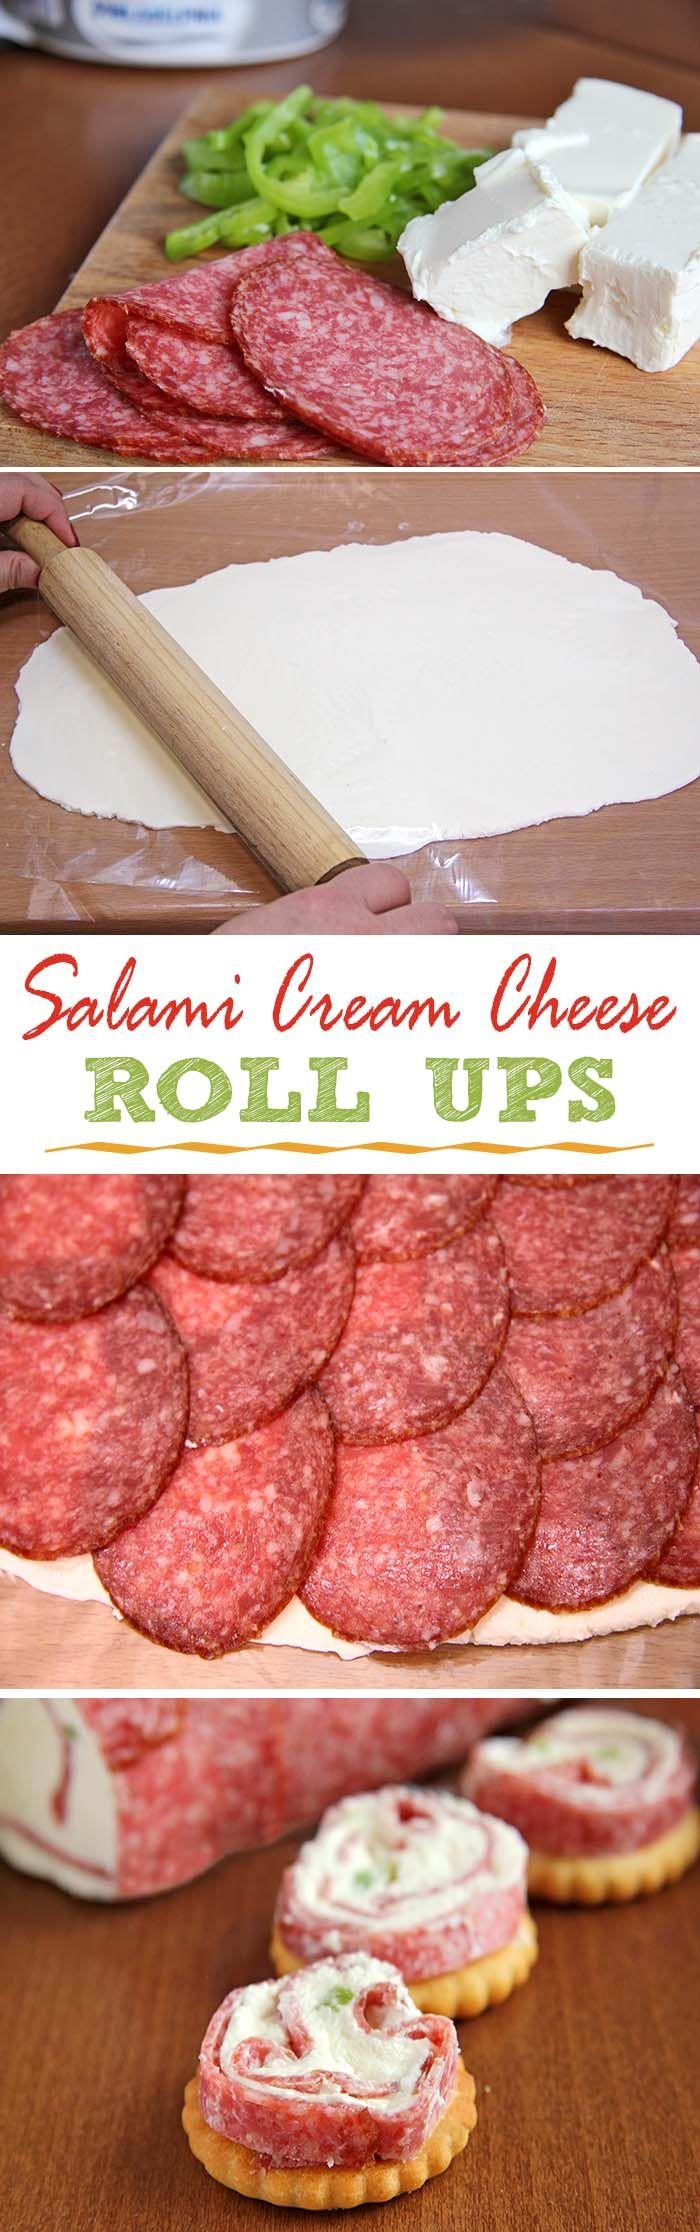 Salami Cream Cheese Roll Ups Receta Recetas Para Cocinar Recetas De Comida Comida